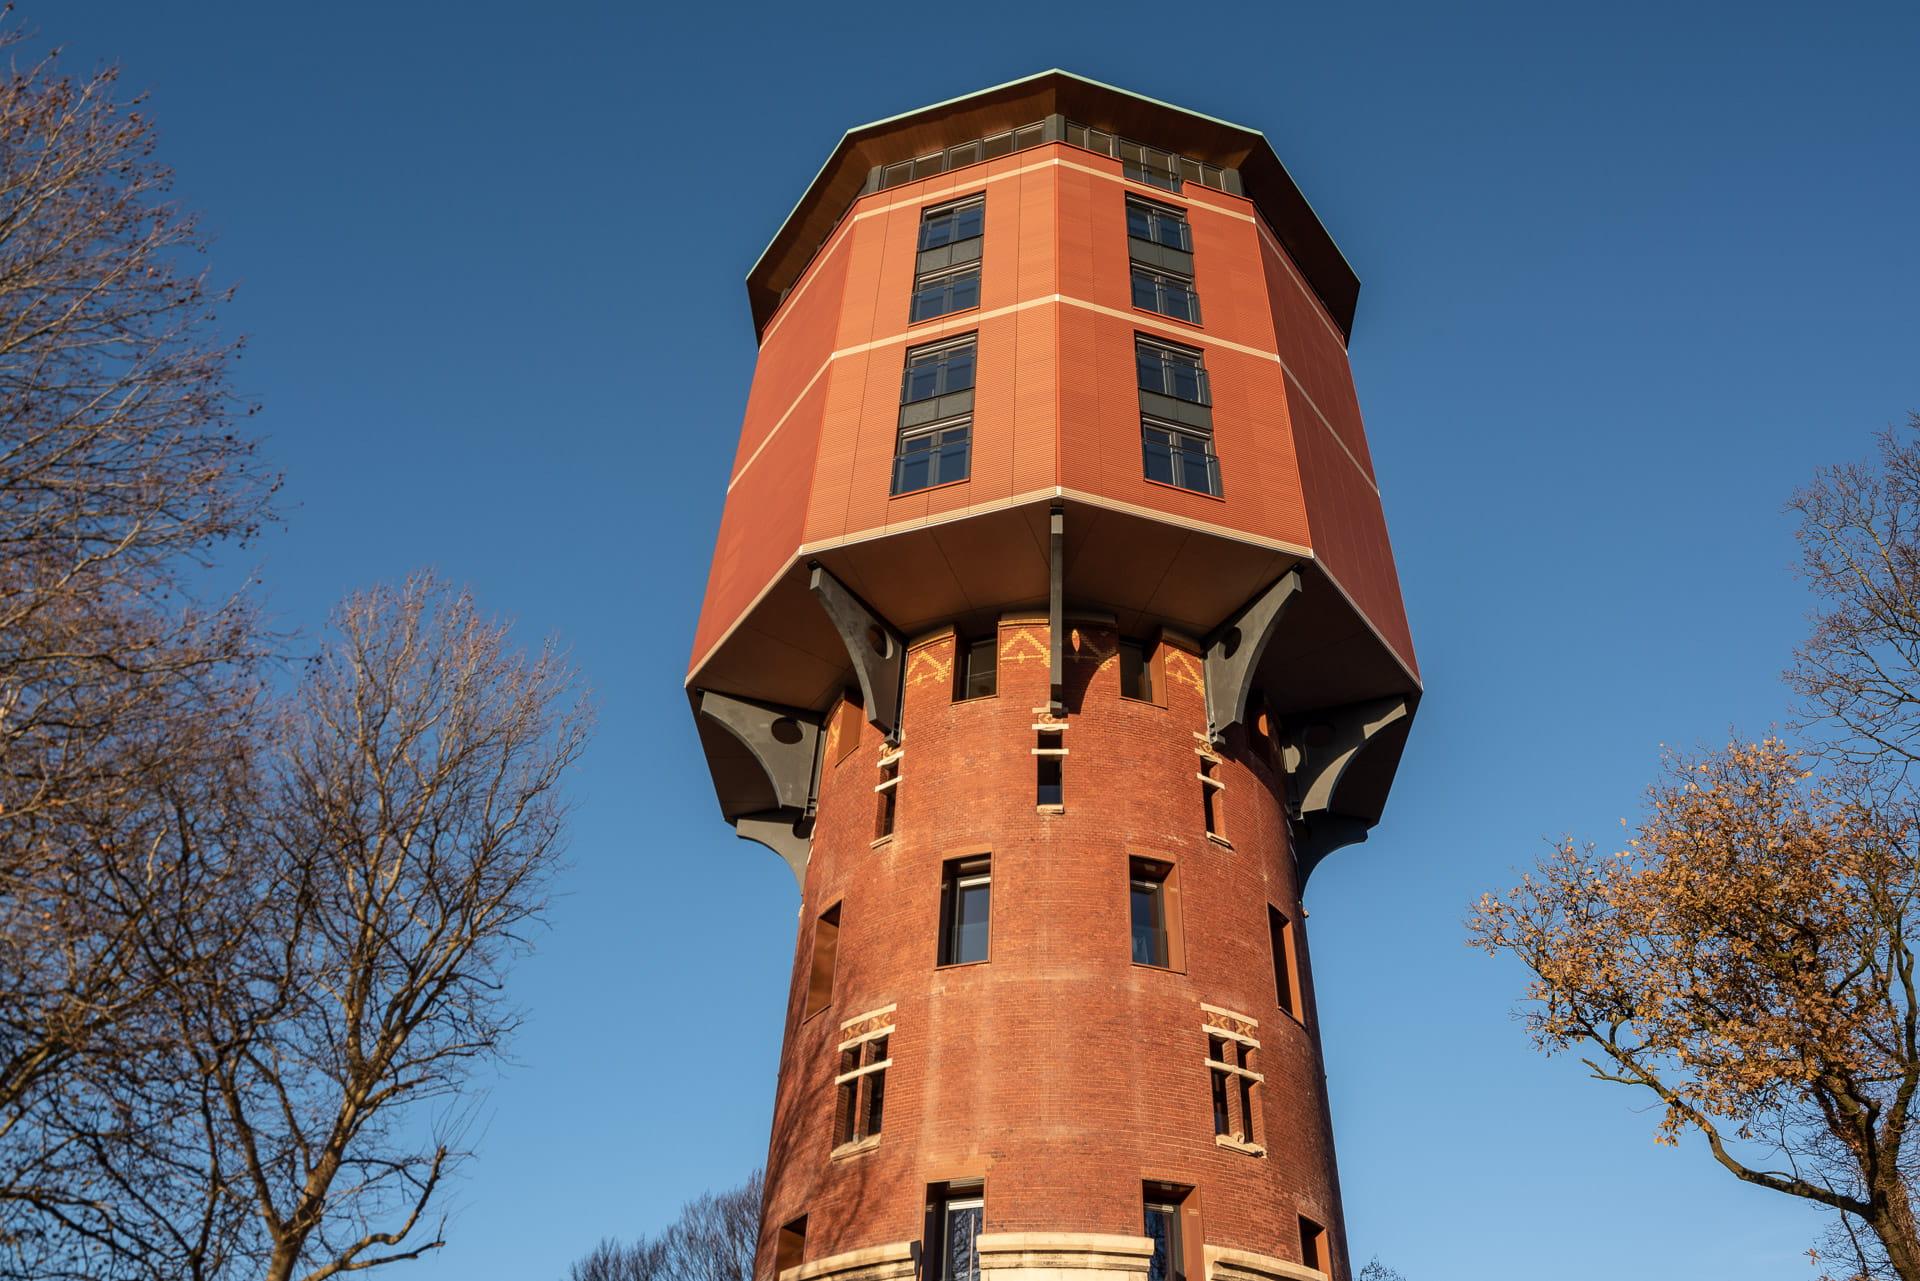 Zwolse Watertoren met zicht op de grote kap in roodbruine kleur